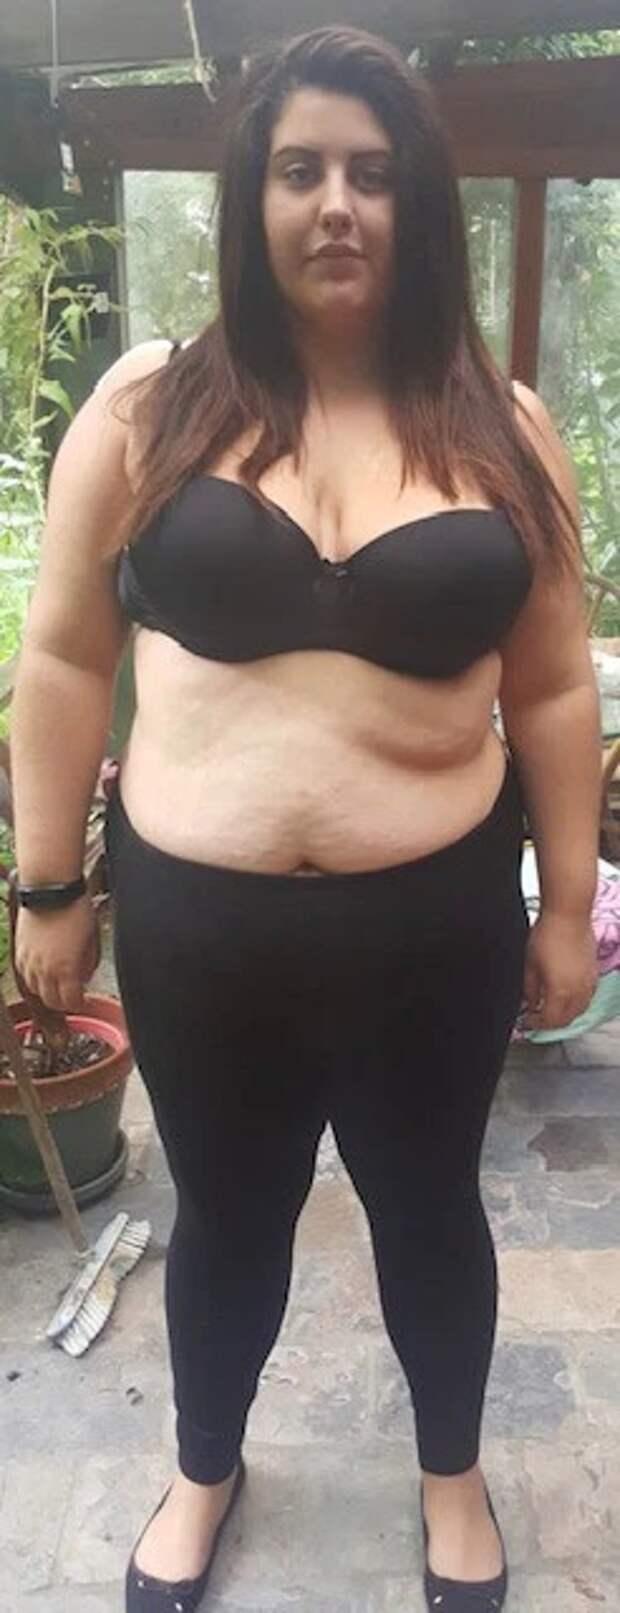 Похудела, чтобы небыть бревном впостели: девушка сбросила 64кг для яркой интимной жизни